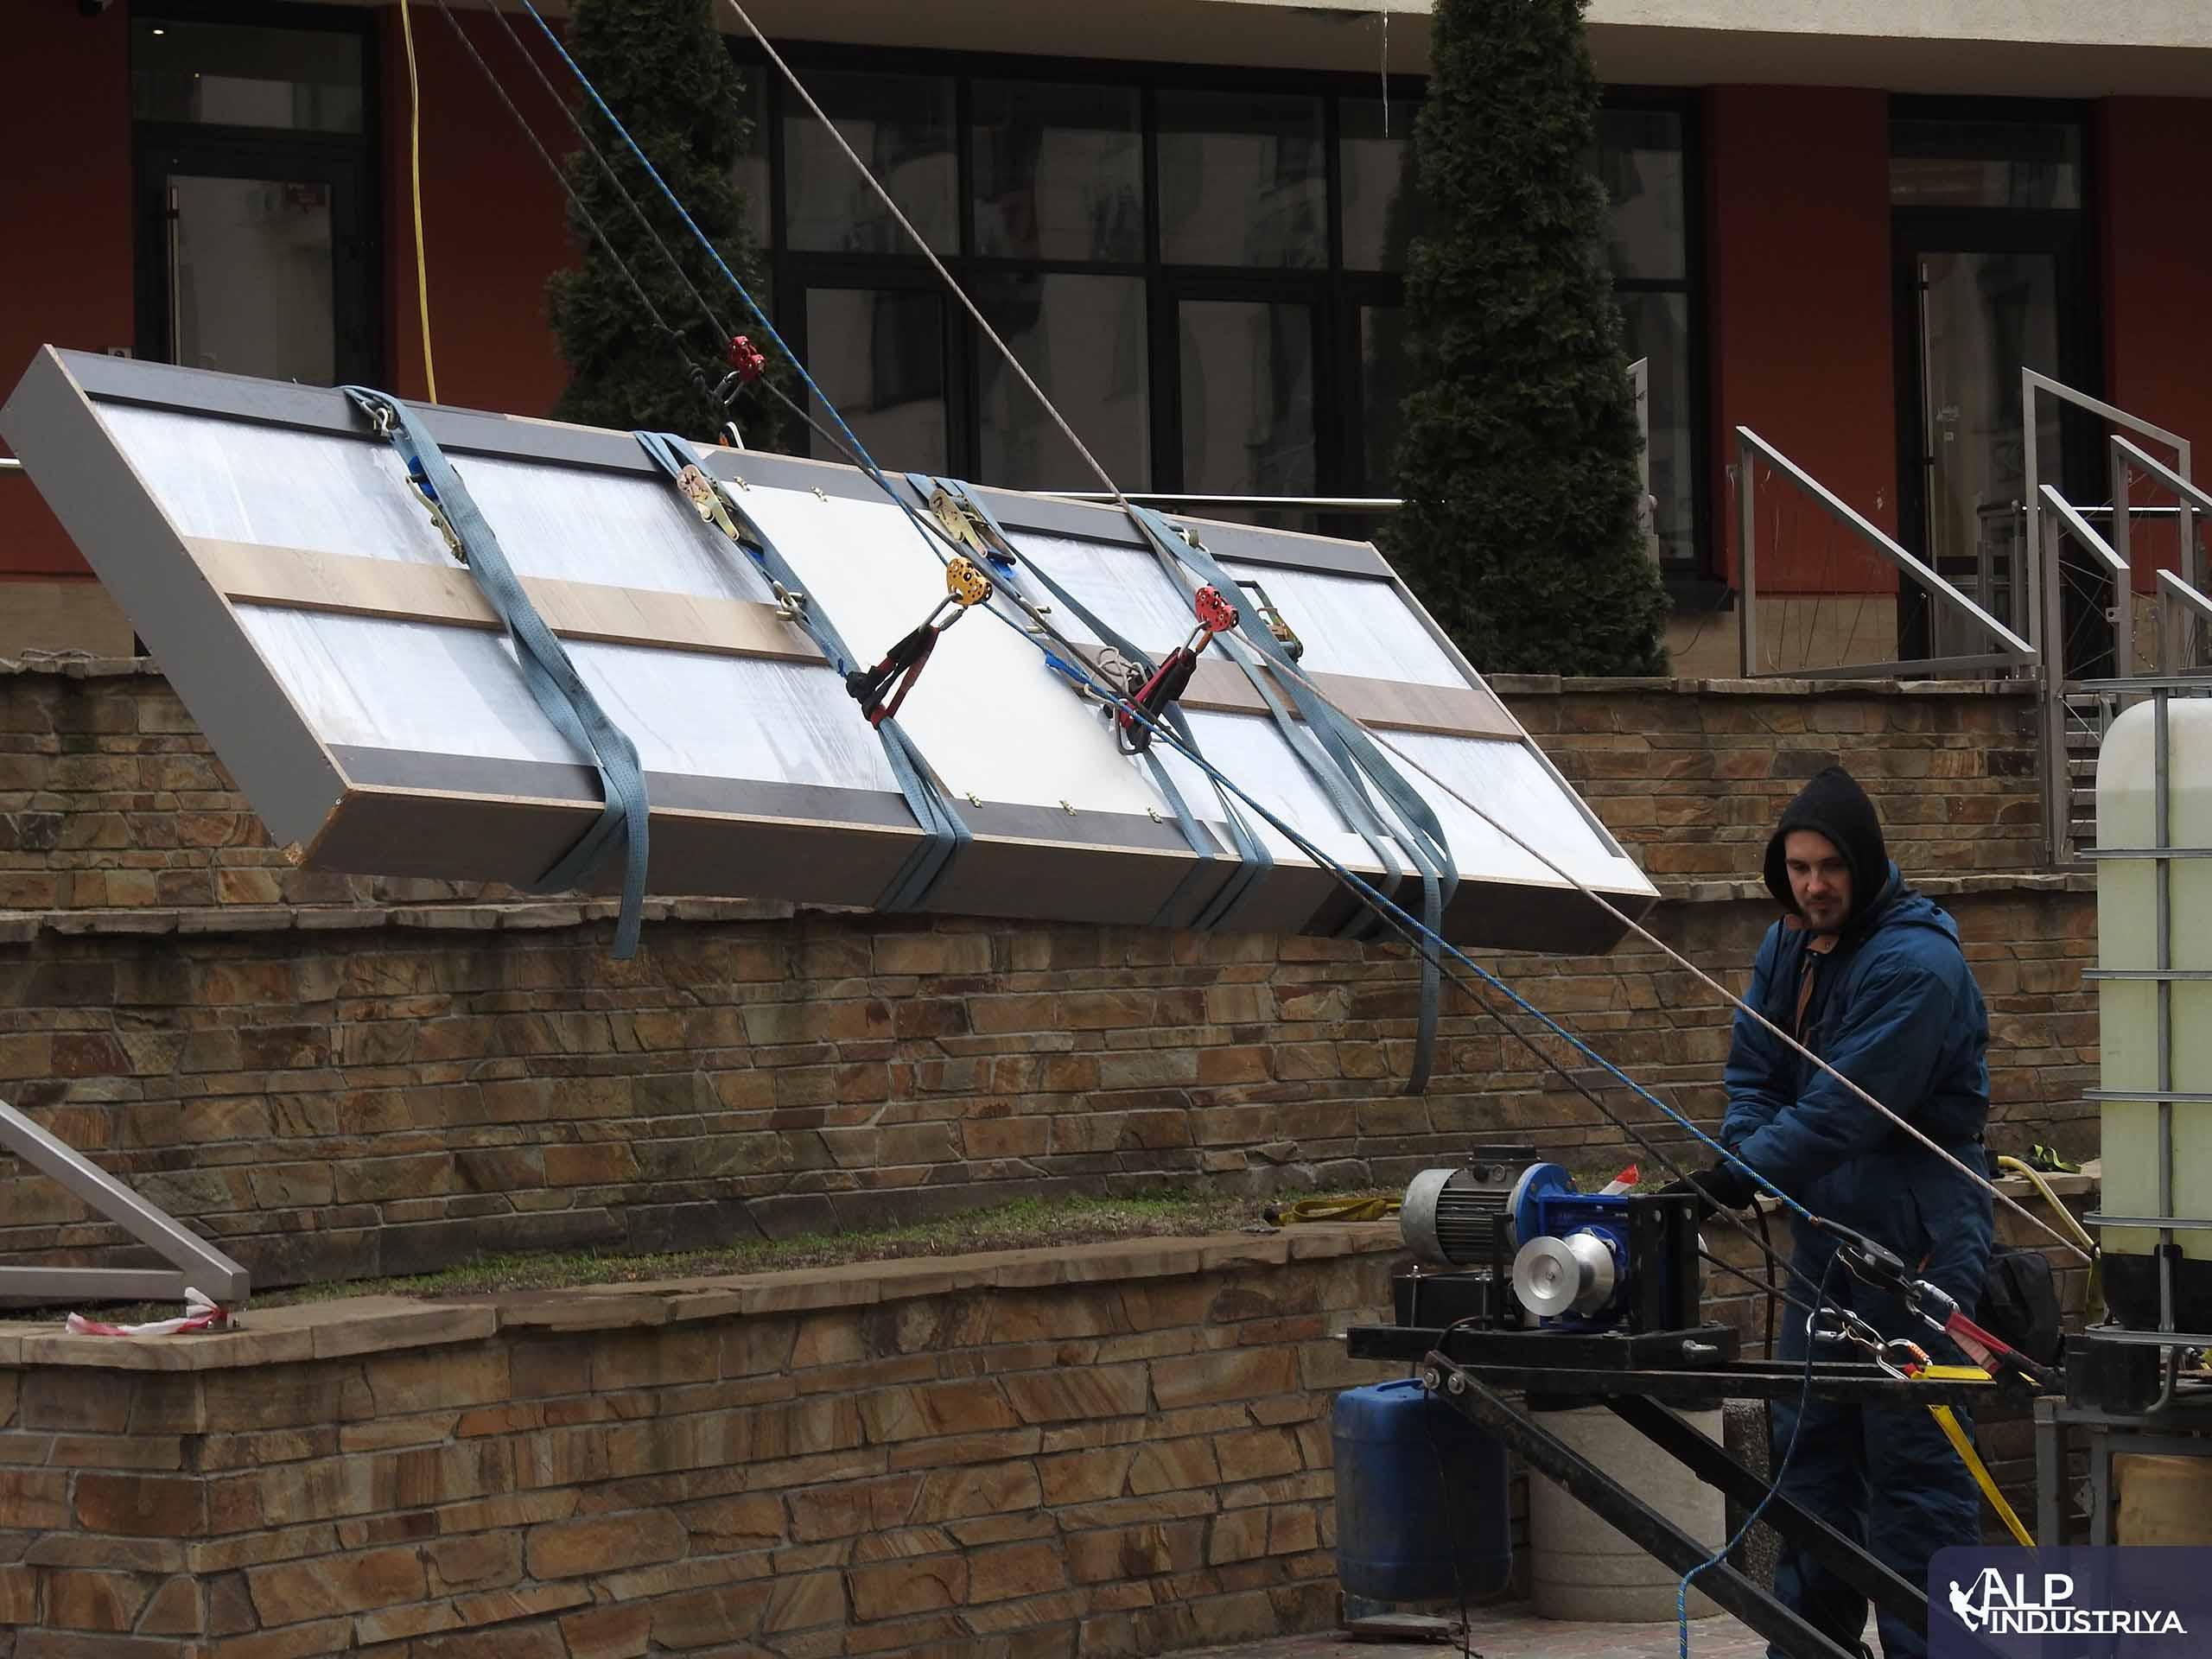 Доставка большого груза в квартиру с помощью промышленных альпинистов-2